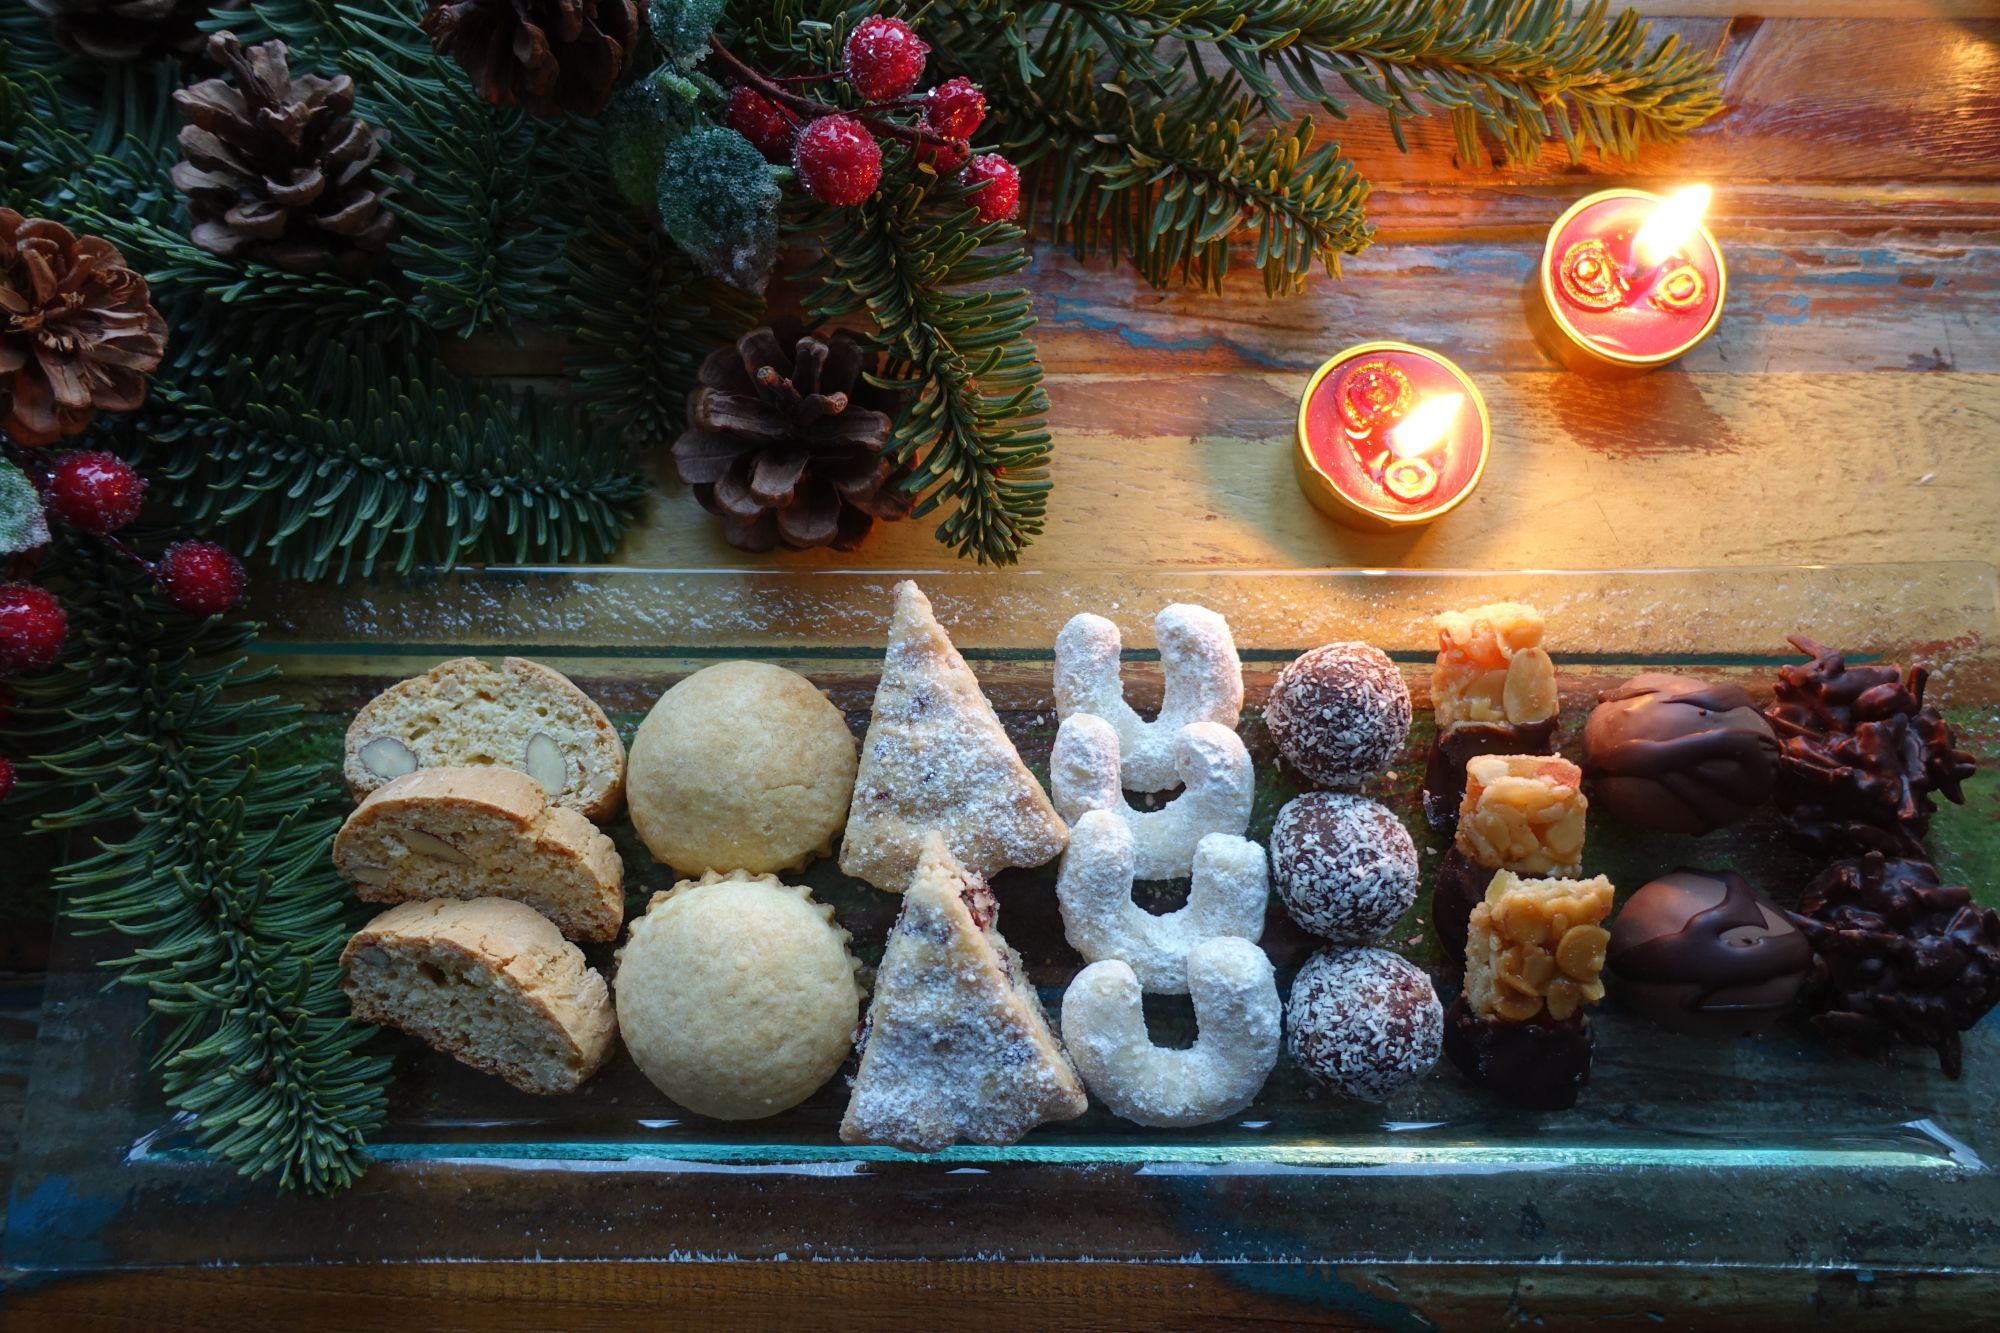 Es Weihnachtet Beim Fotoprojekt 12 Von 12 Gedichte Uber Schwarz Weisse Weihnachten Von Christine Frey Ist Ein Bu Weisse Weihnachten Weihnachtszeit Weihnachten